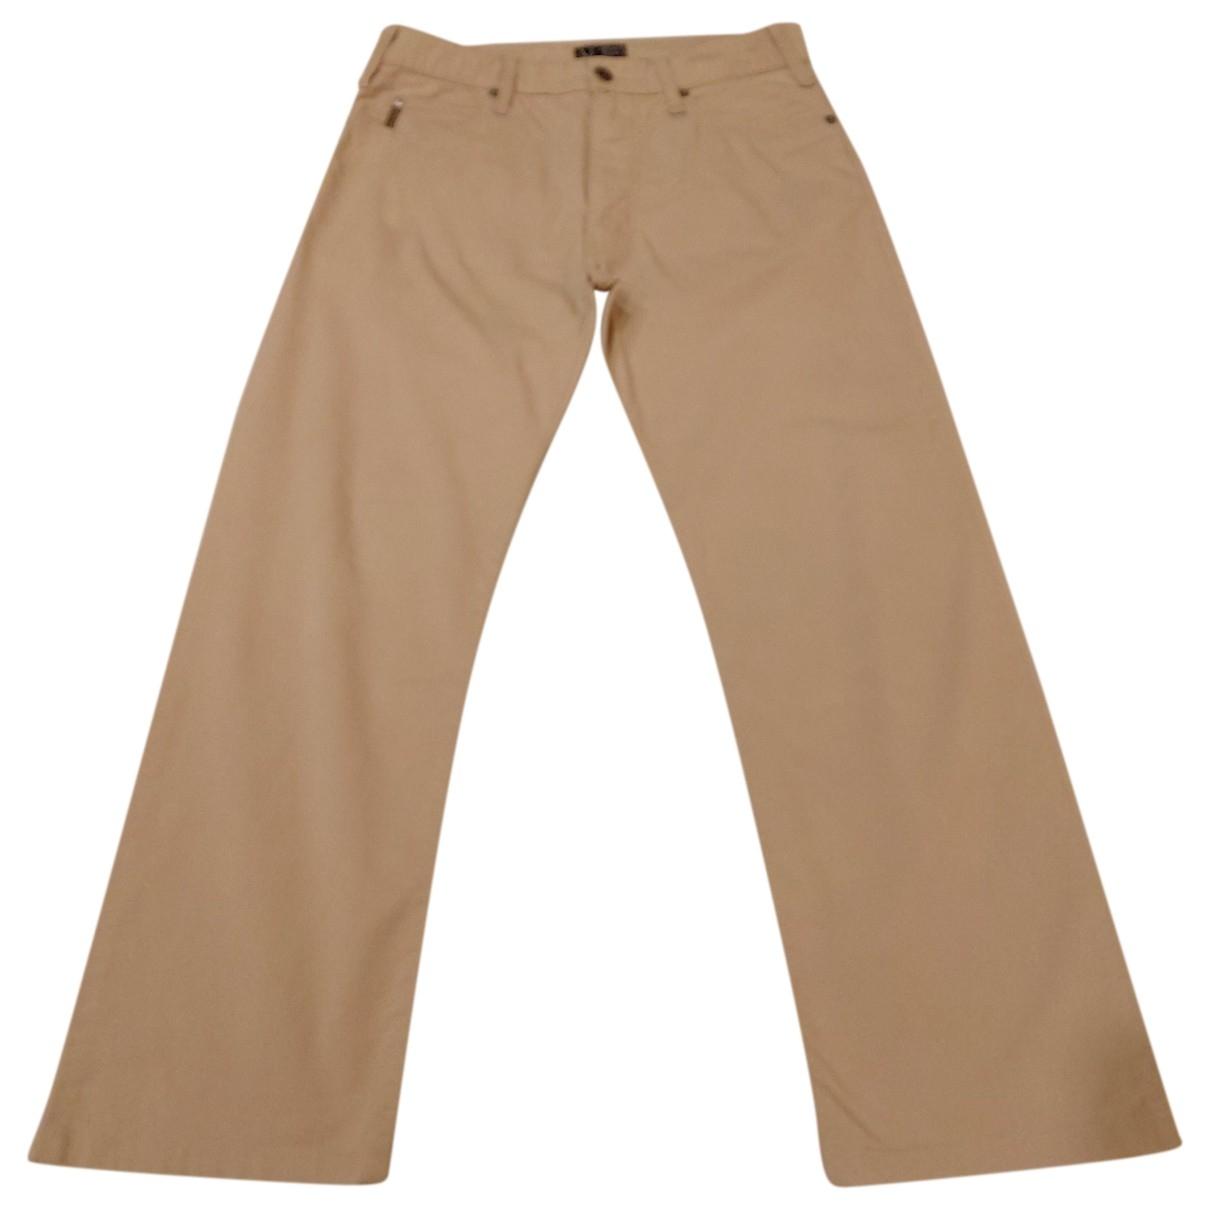 Pantalones en Algodon Beige Armani Jeans